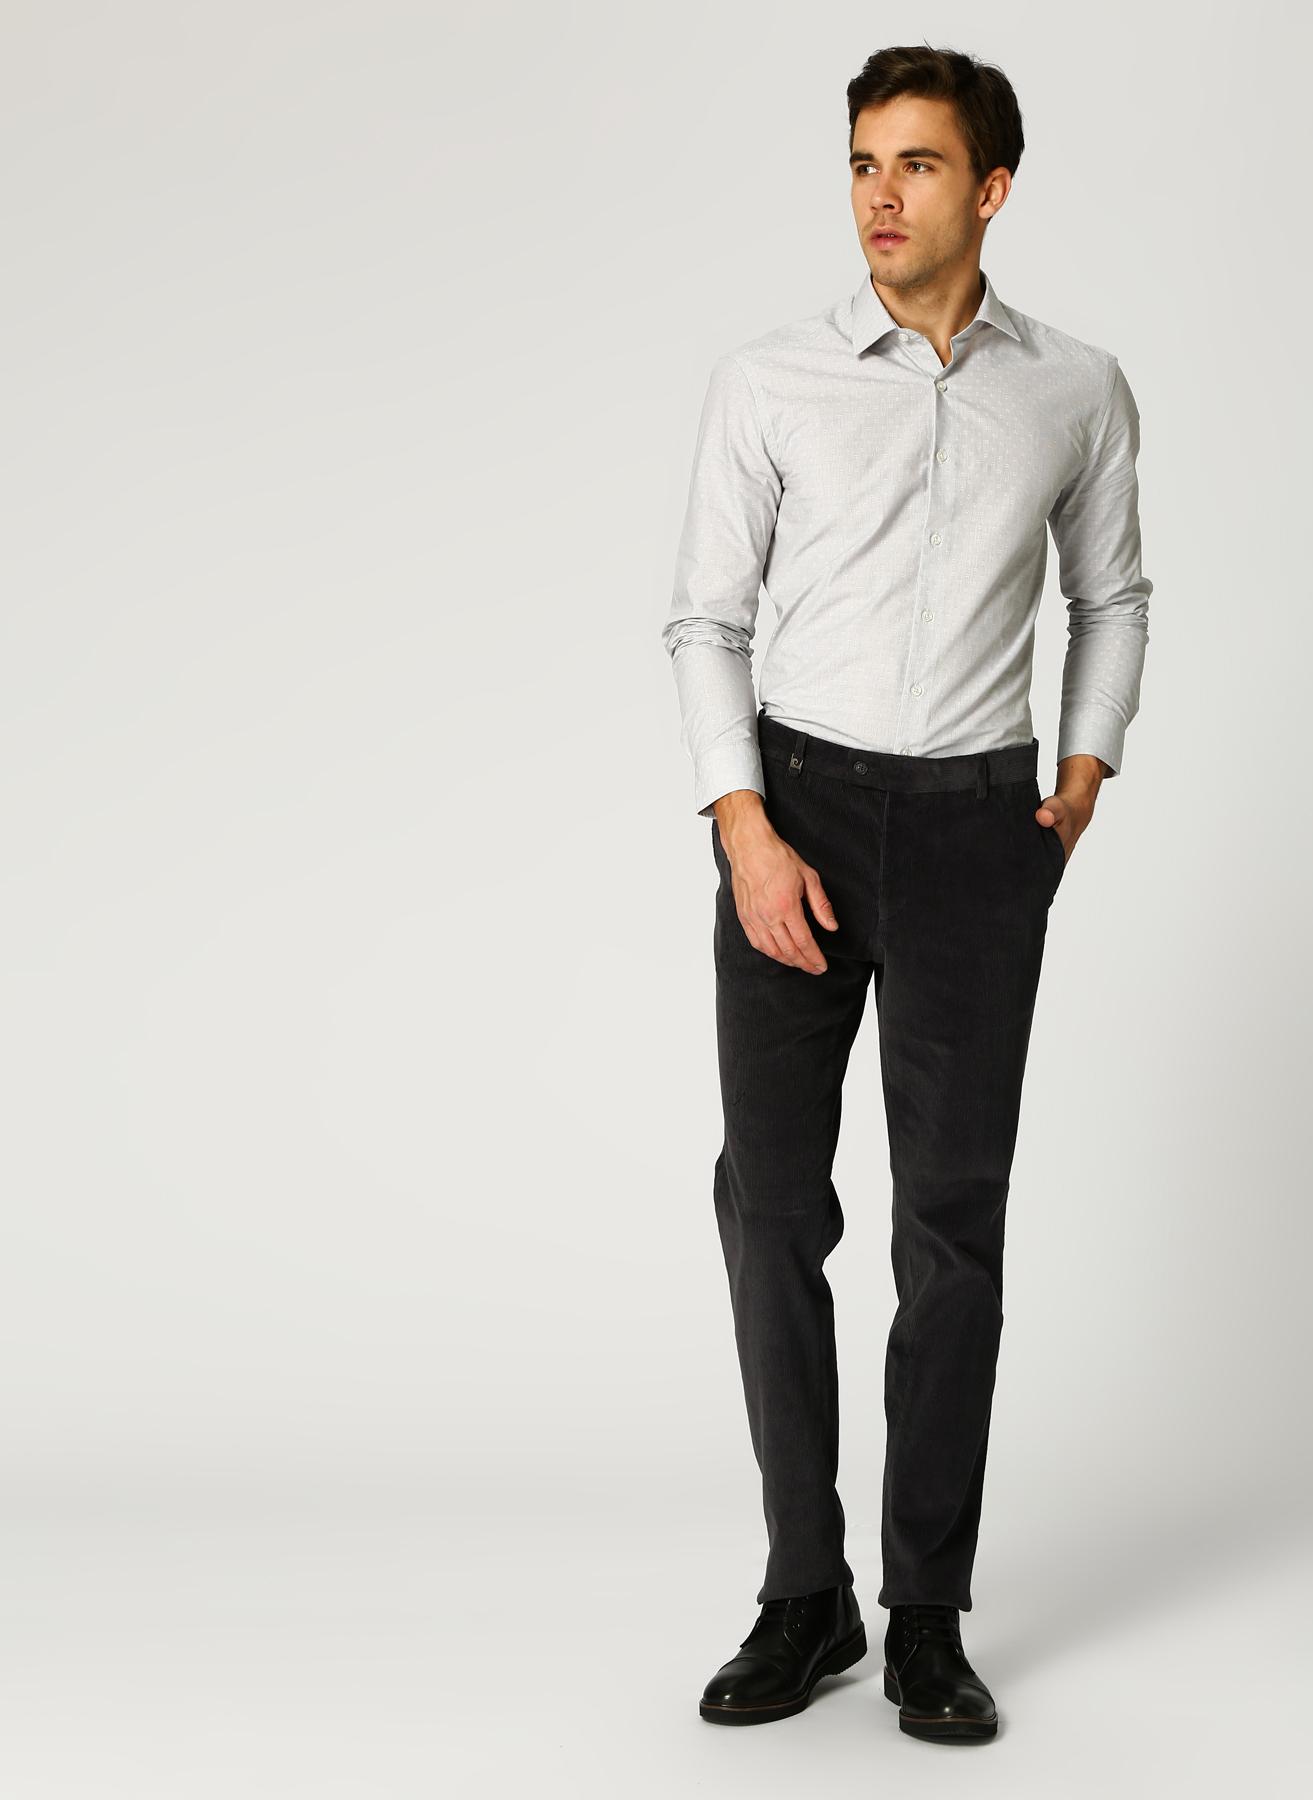 Pierre Cardin Kadife Füme Klasik Pantolon 46 5001698338001 Ürün Resmi